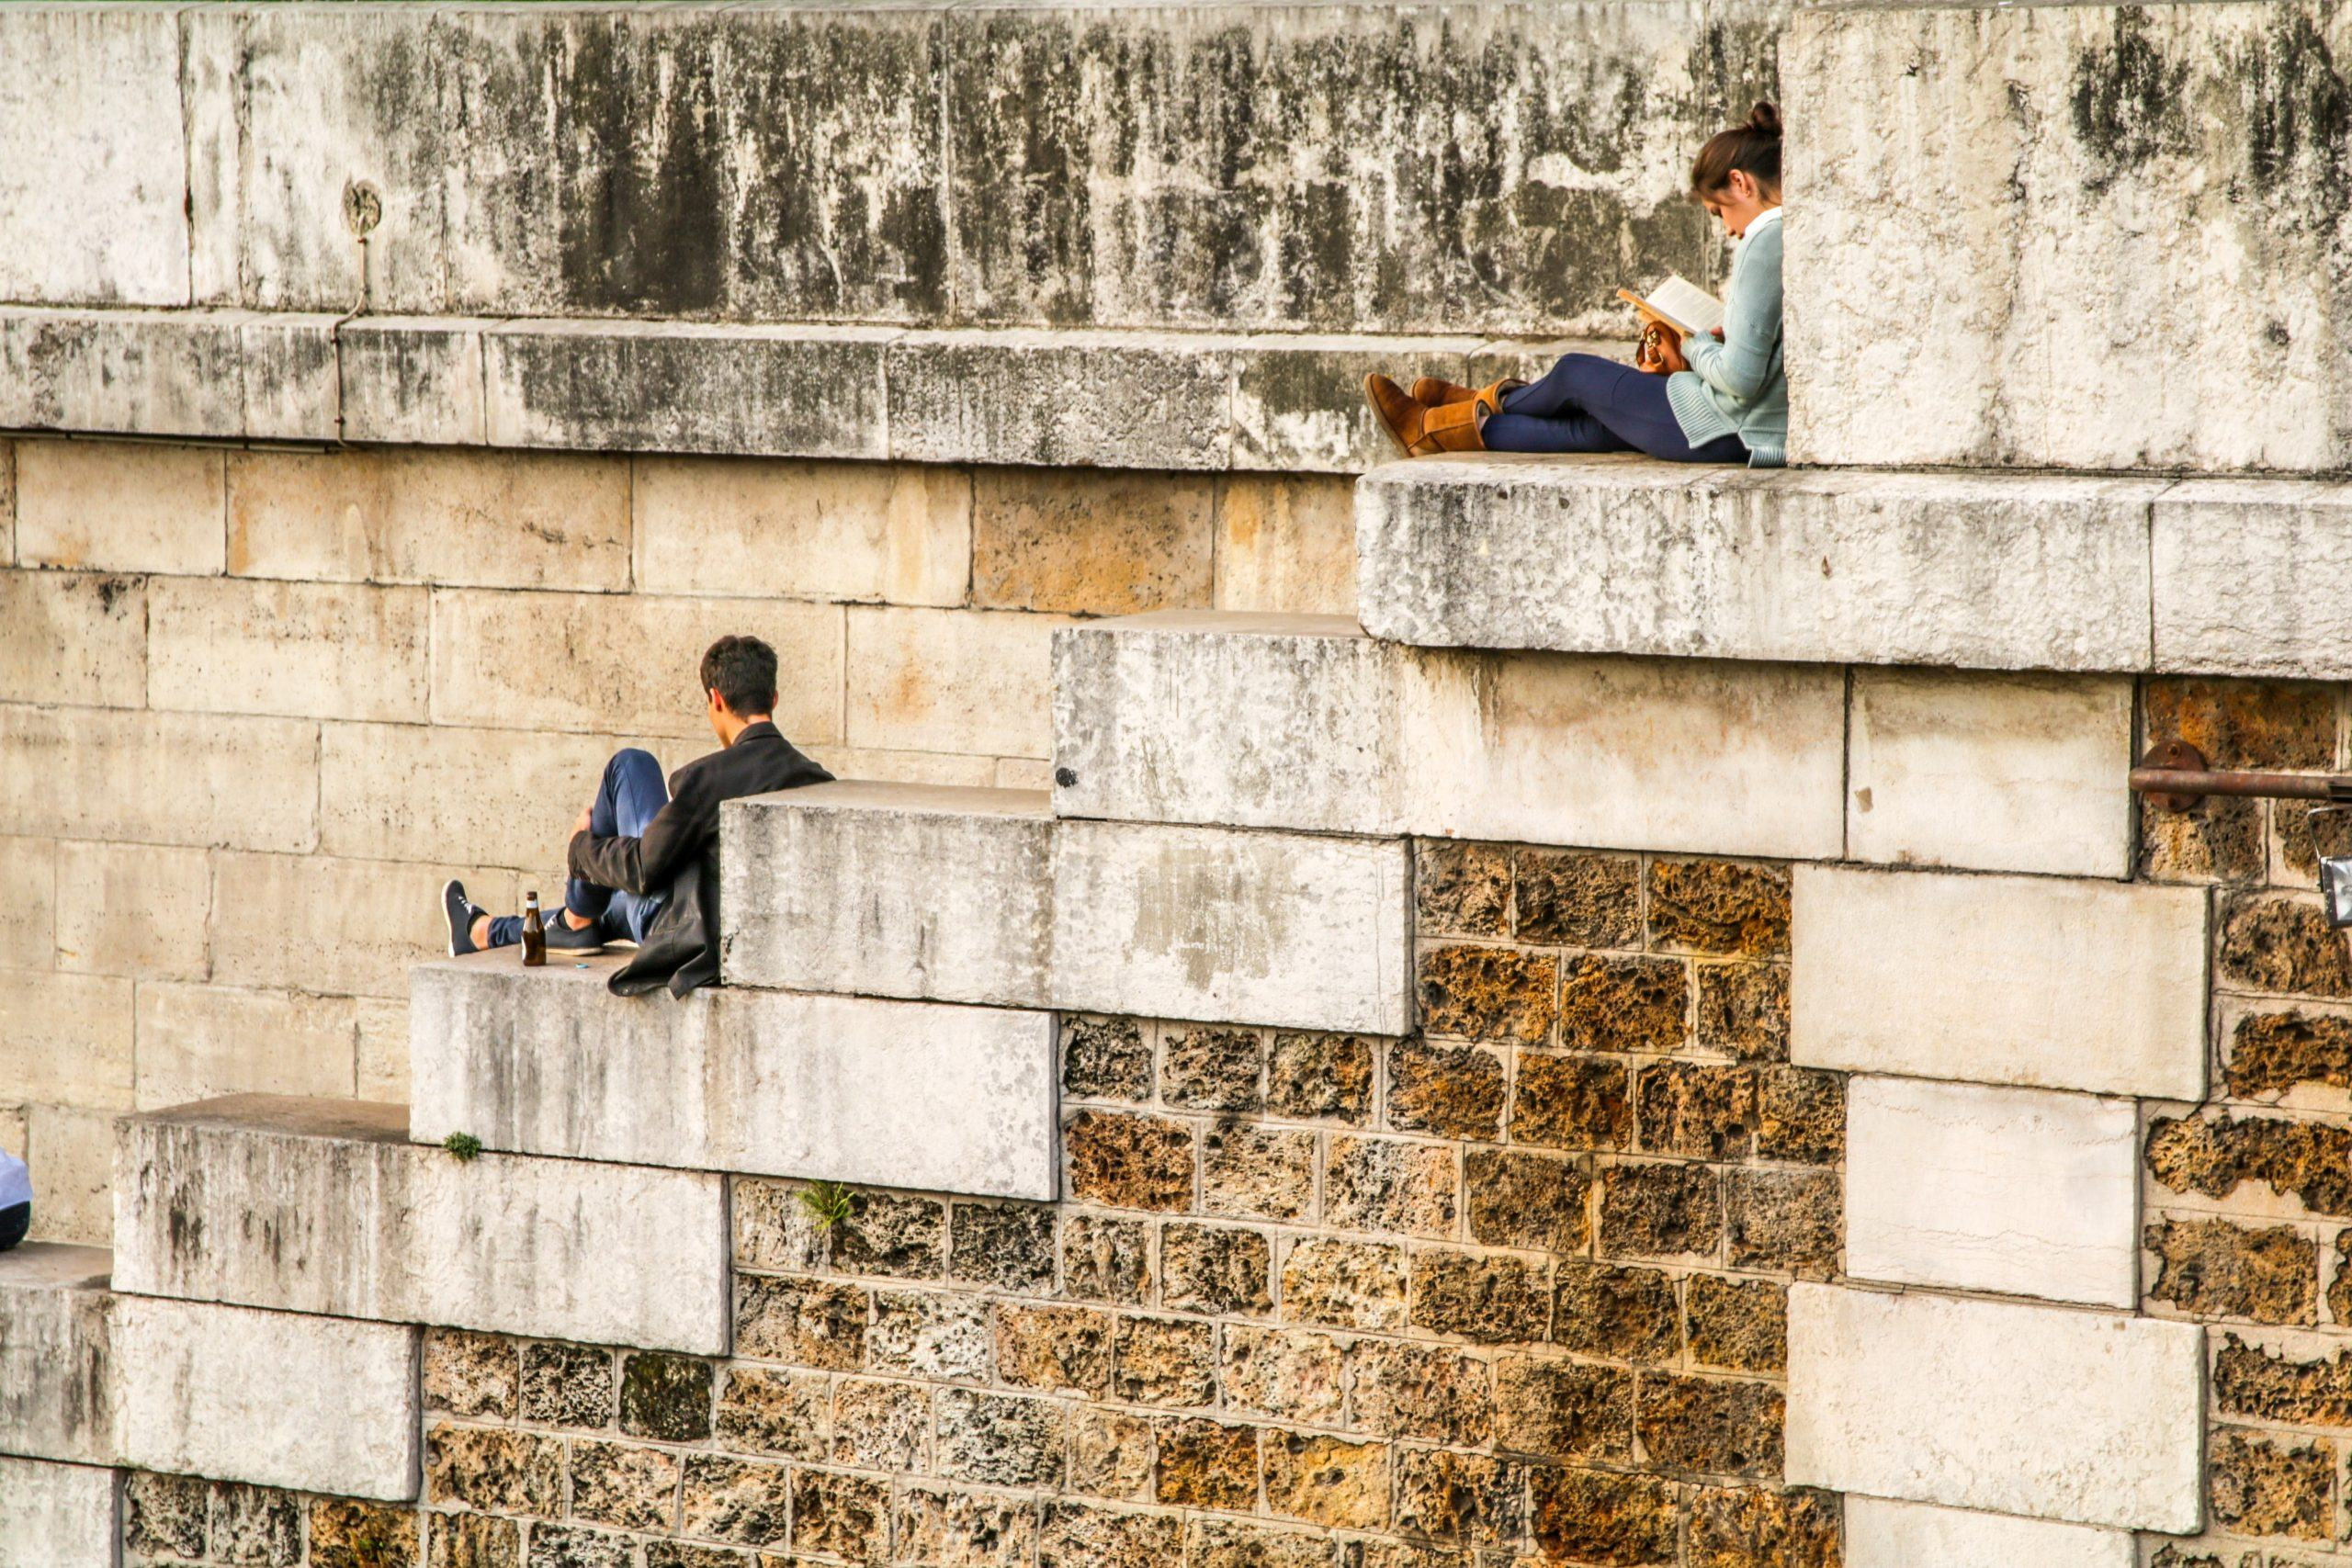 Аспирантура во Франции: личный опыт